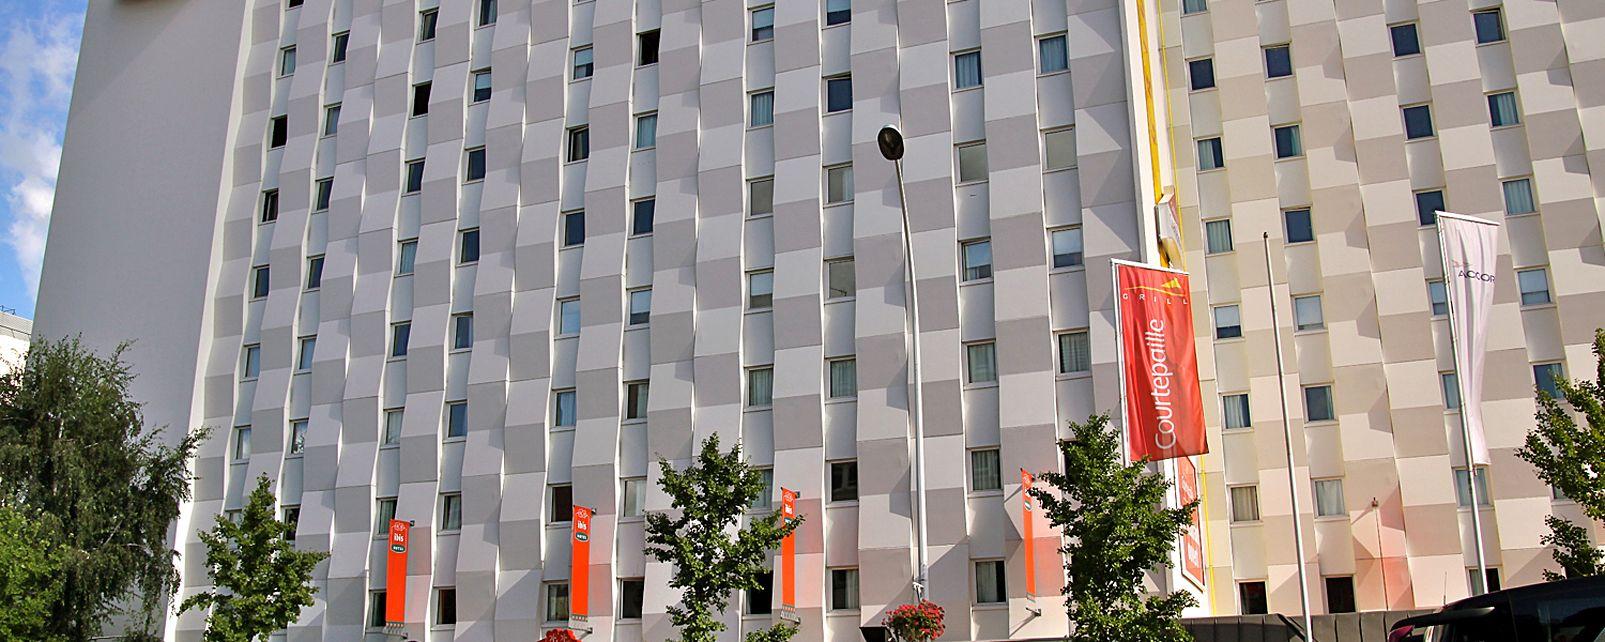 H tel ibis paris porte d 39 orl ans for Hotel porte orleans paris